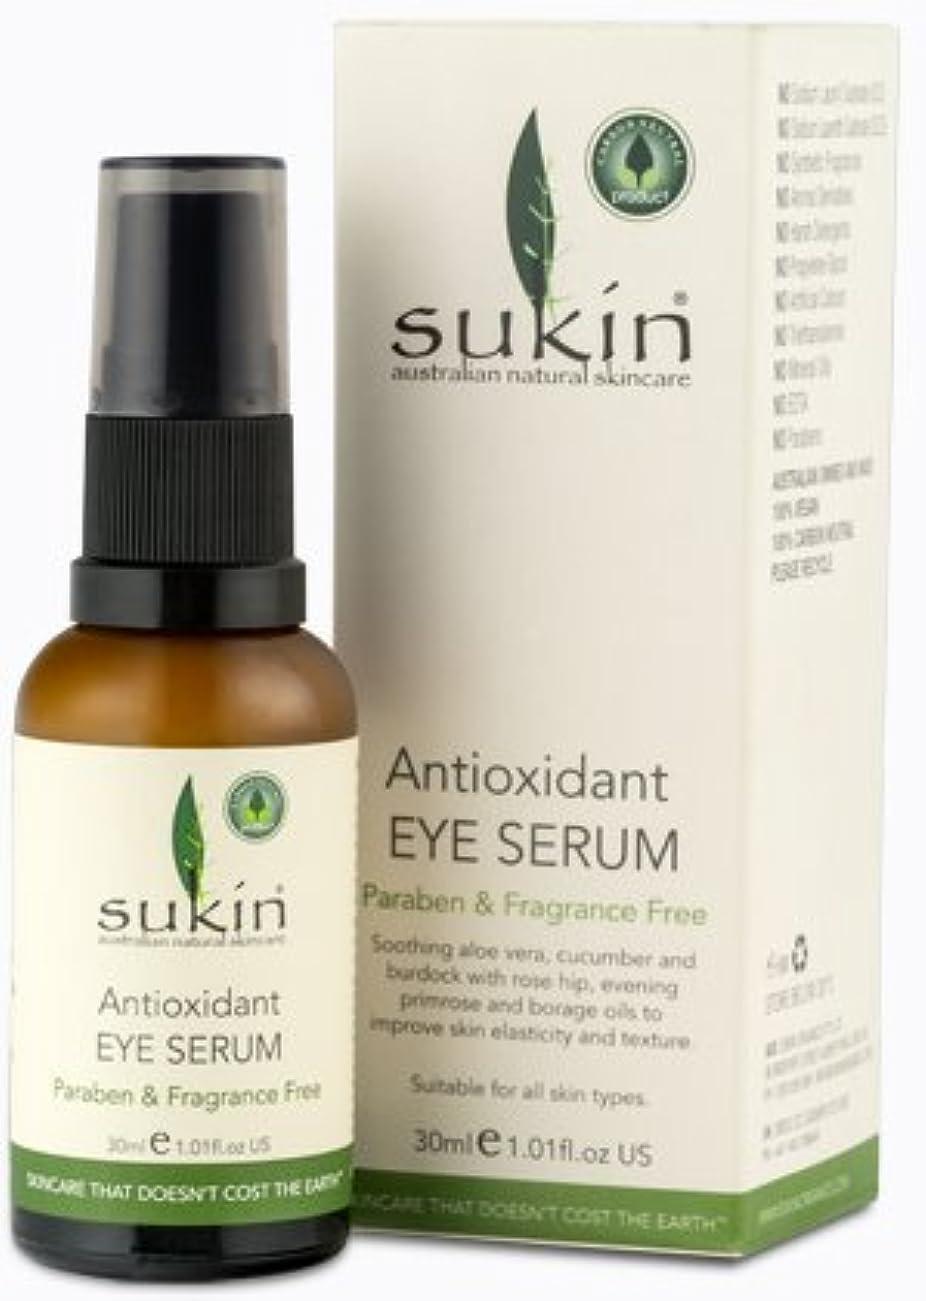 フルーツマディソン雨の[Sukin Antioxidant Eye Serum] スキン アンティオクシダント アイセラム